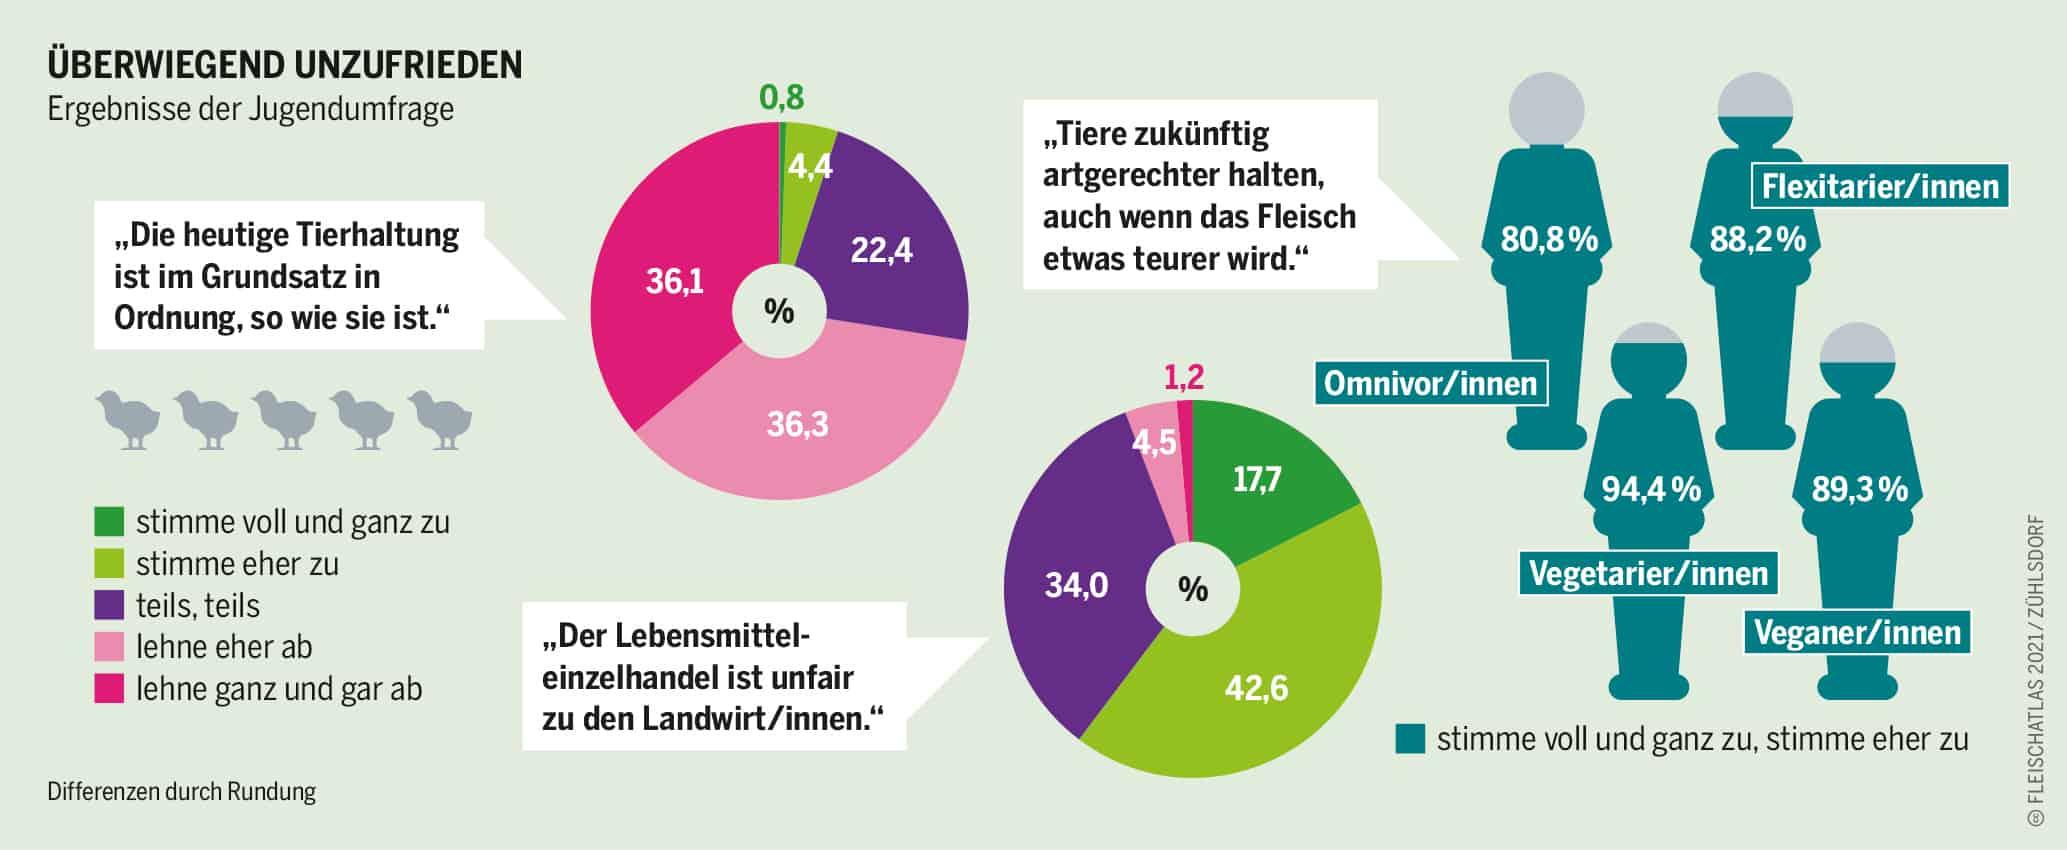 Jugendumfrage des Fleischatlas 2021 zeigt dass Jugendliche Unzufrieden mit der Tierhaltung sind Grafik: Fleischatlas 2021 | Bartz/Stockmar CC-BY-4.0